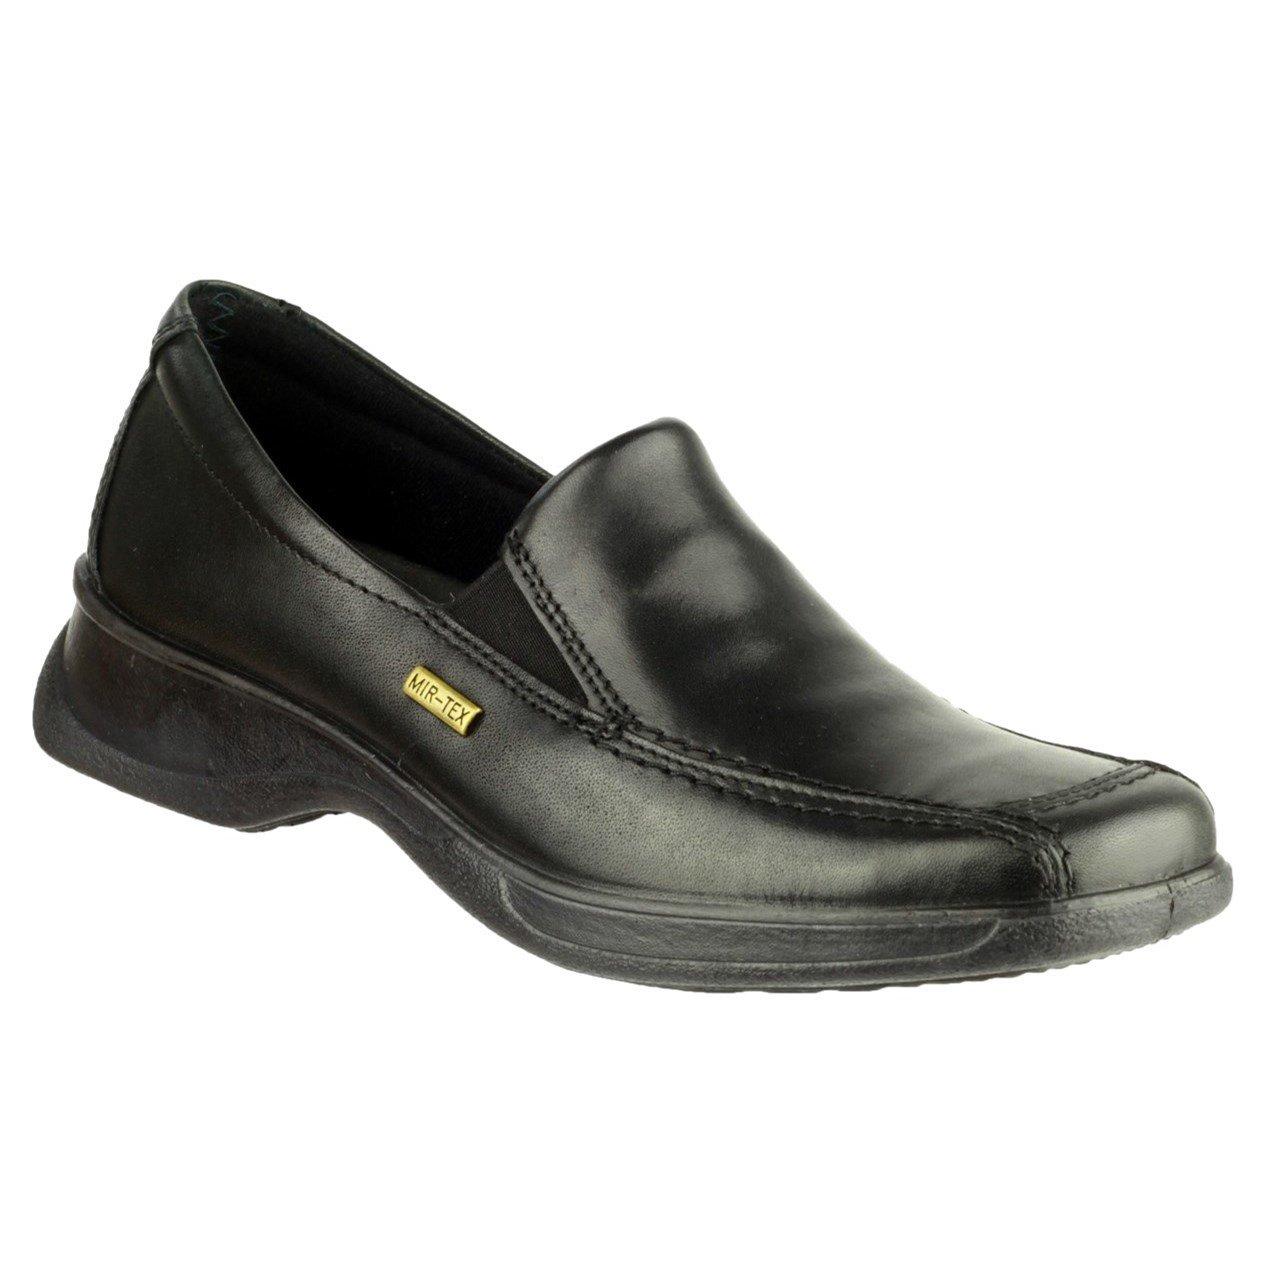 Cotswold Women's Hazelton 2 Waterproof Shoe Black 32983 - Black 4